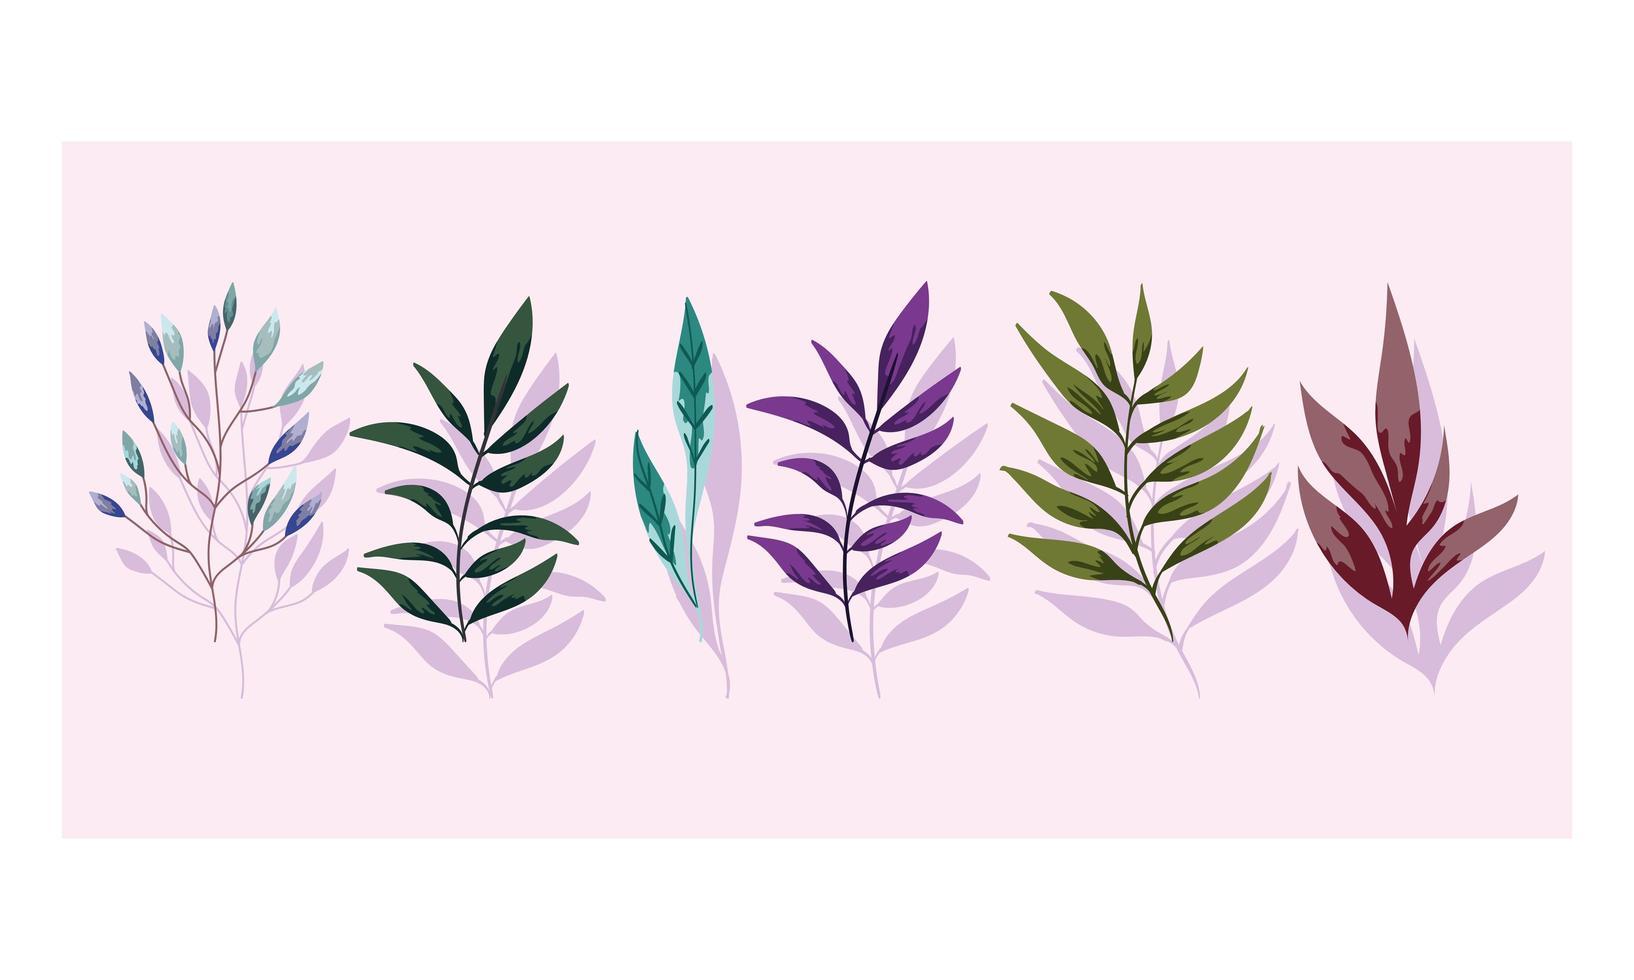 feuillage des branches. conception de la nature de la verdure de la flore vecteur